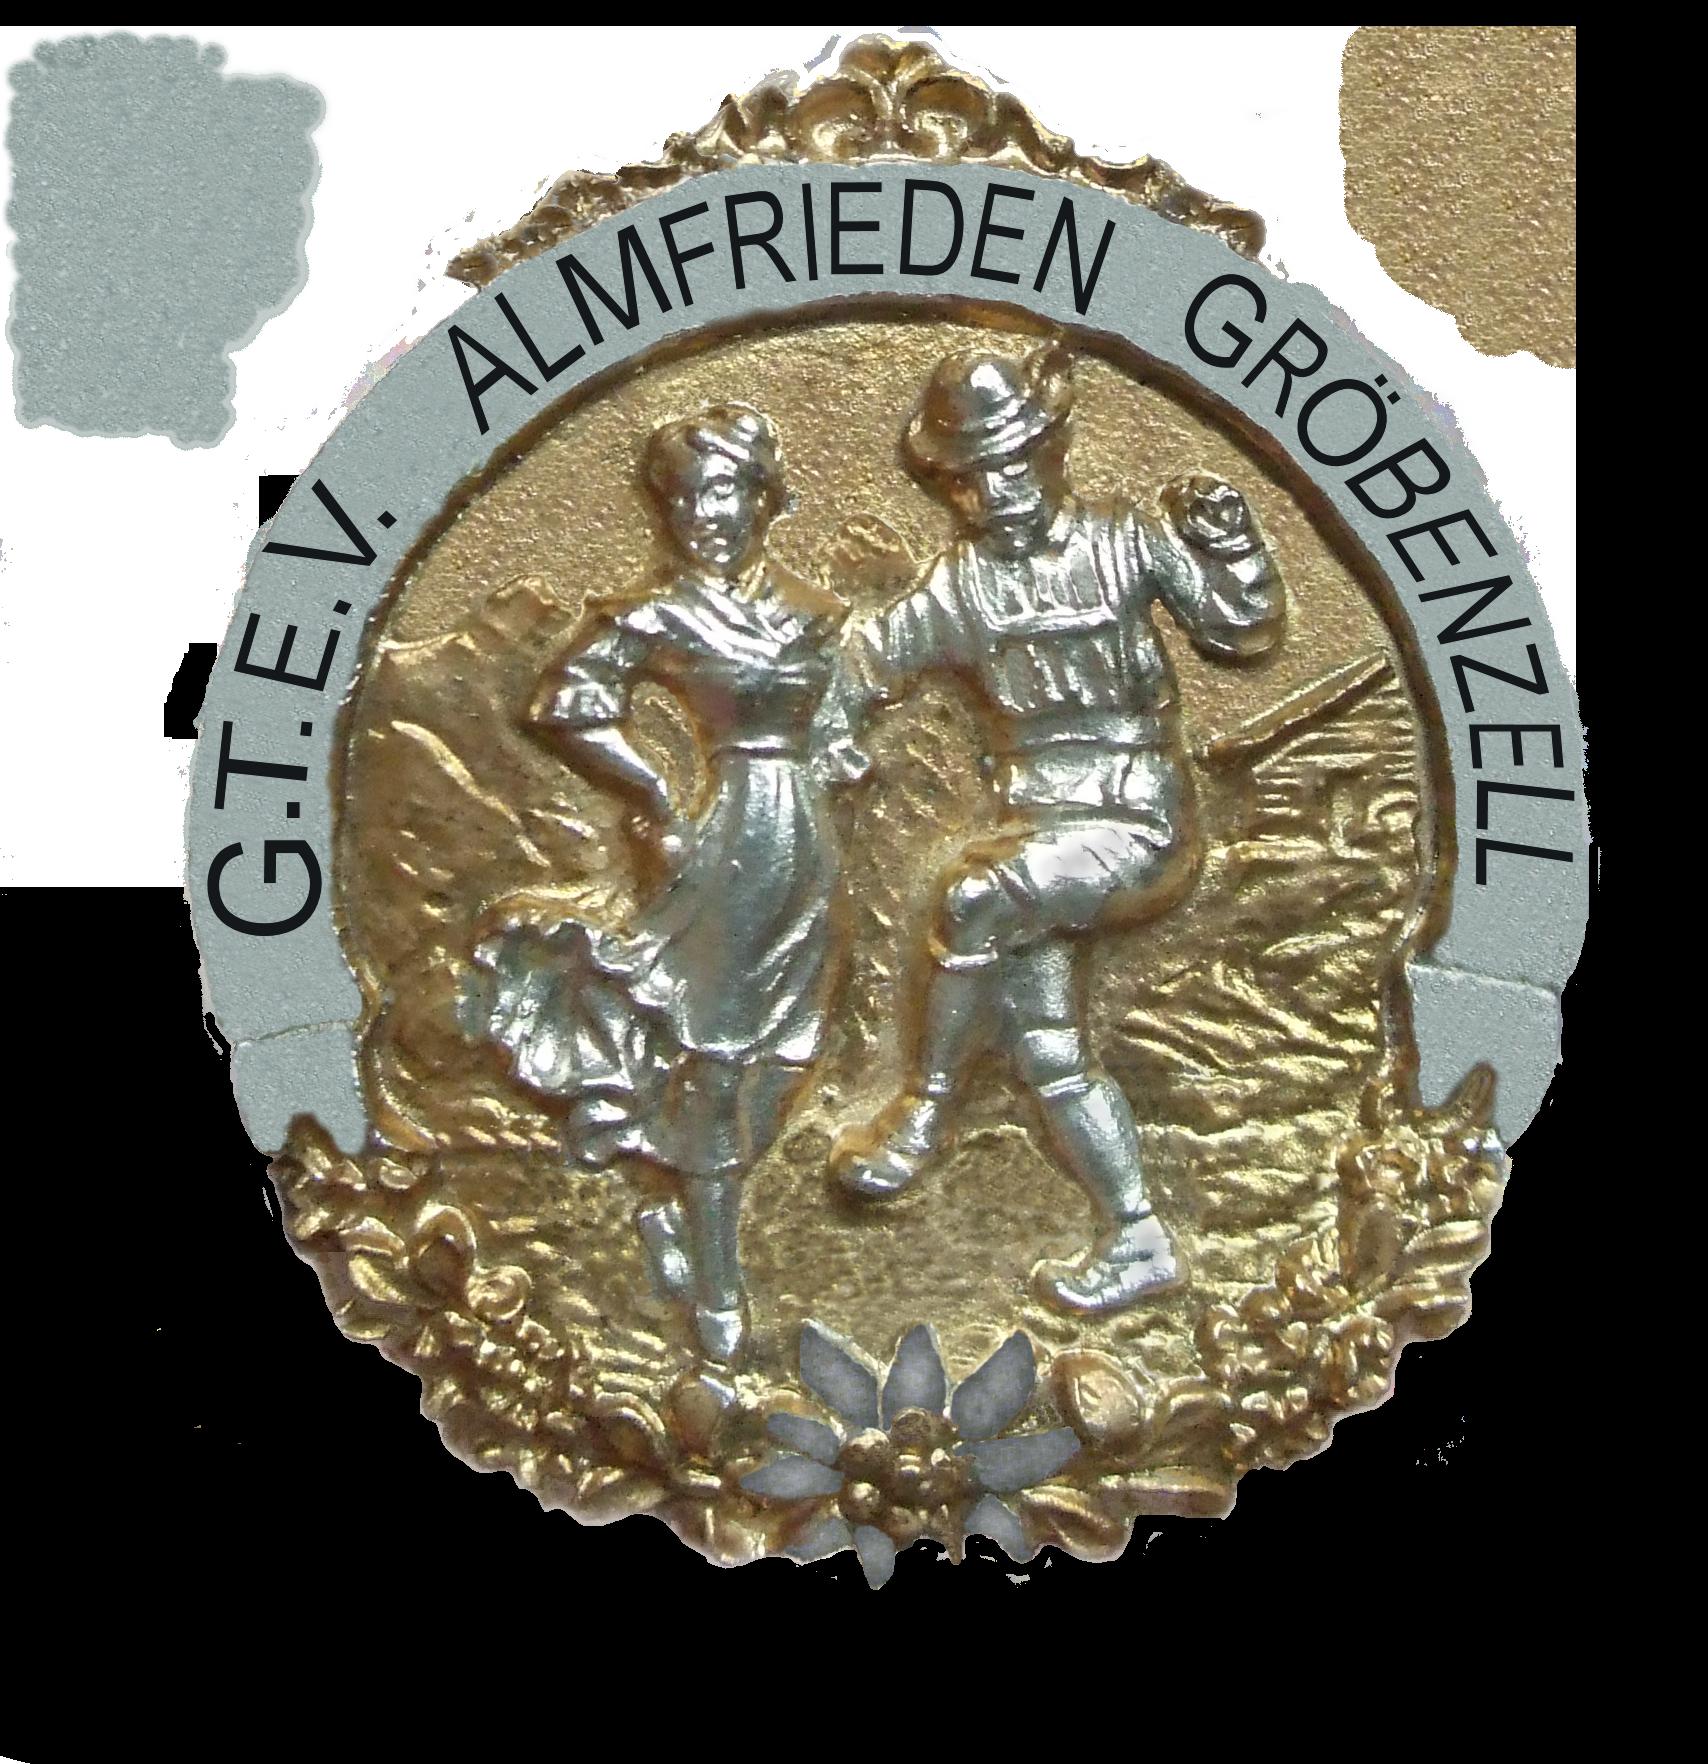 Trachtenverein Almfrieden Gröbenzell